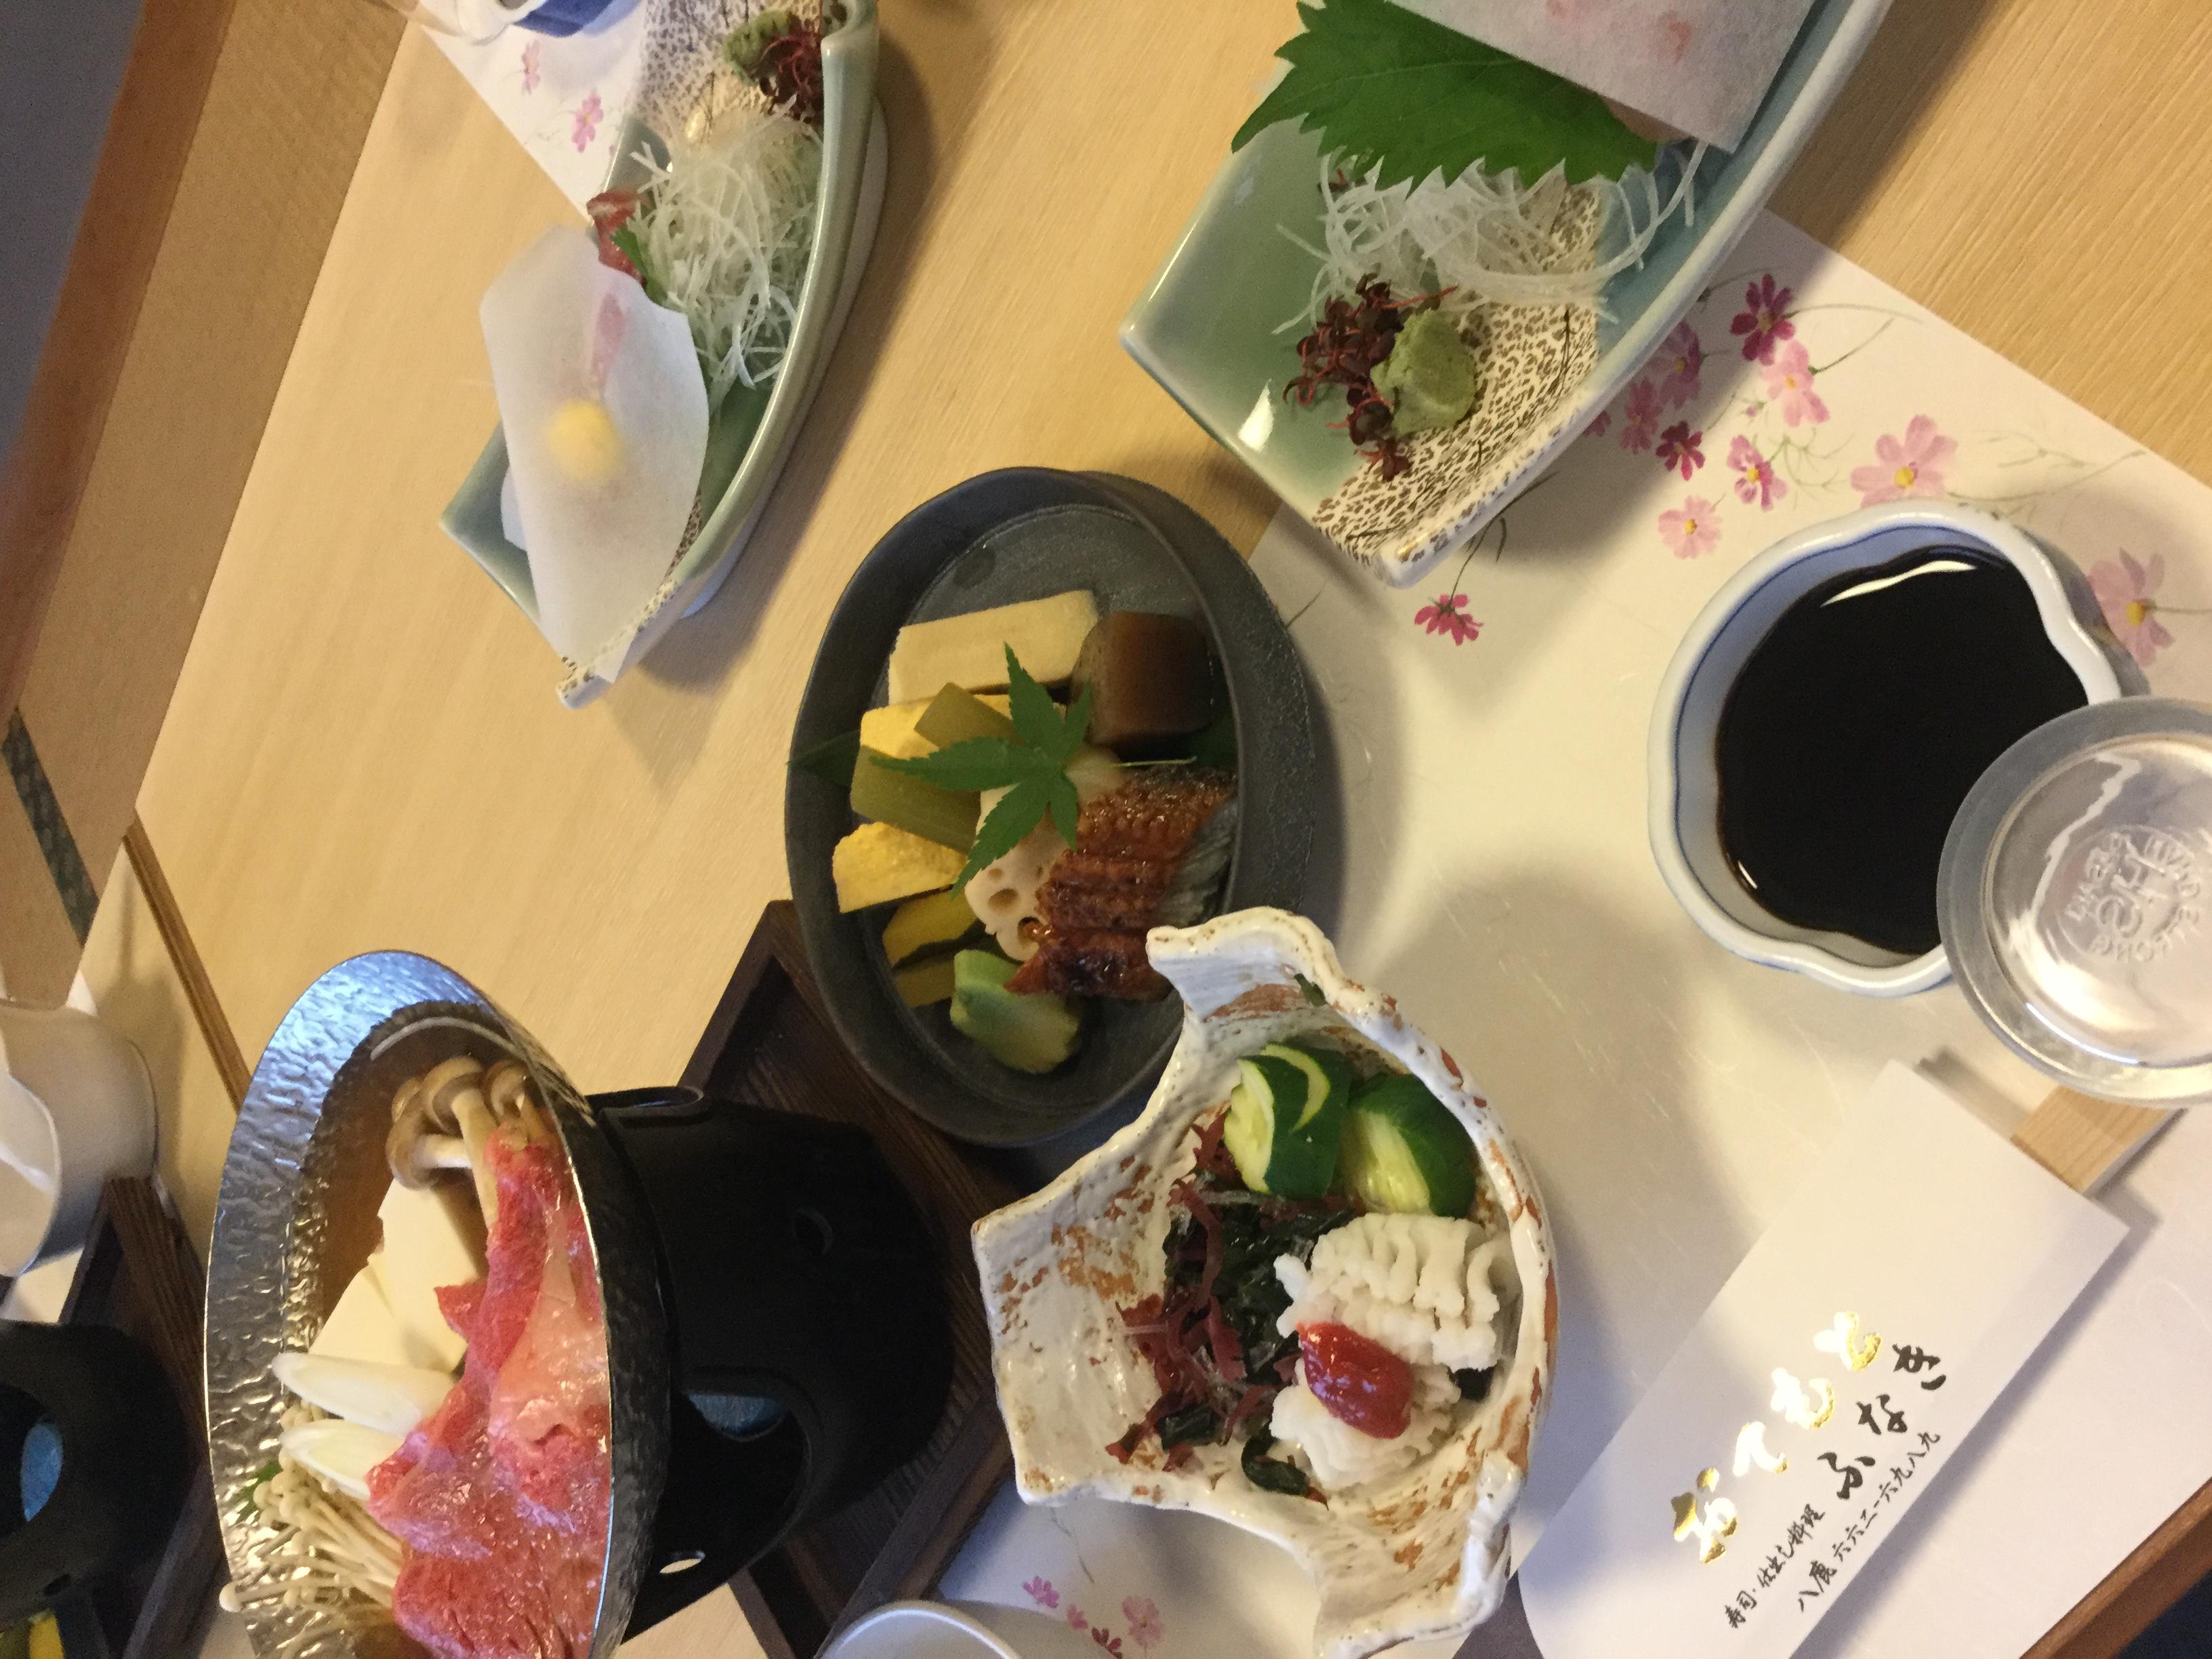 養父市の寿司屋「ふなき 」で法事料理の会席例